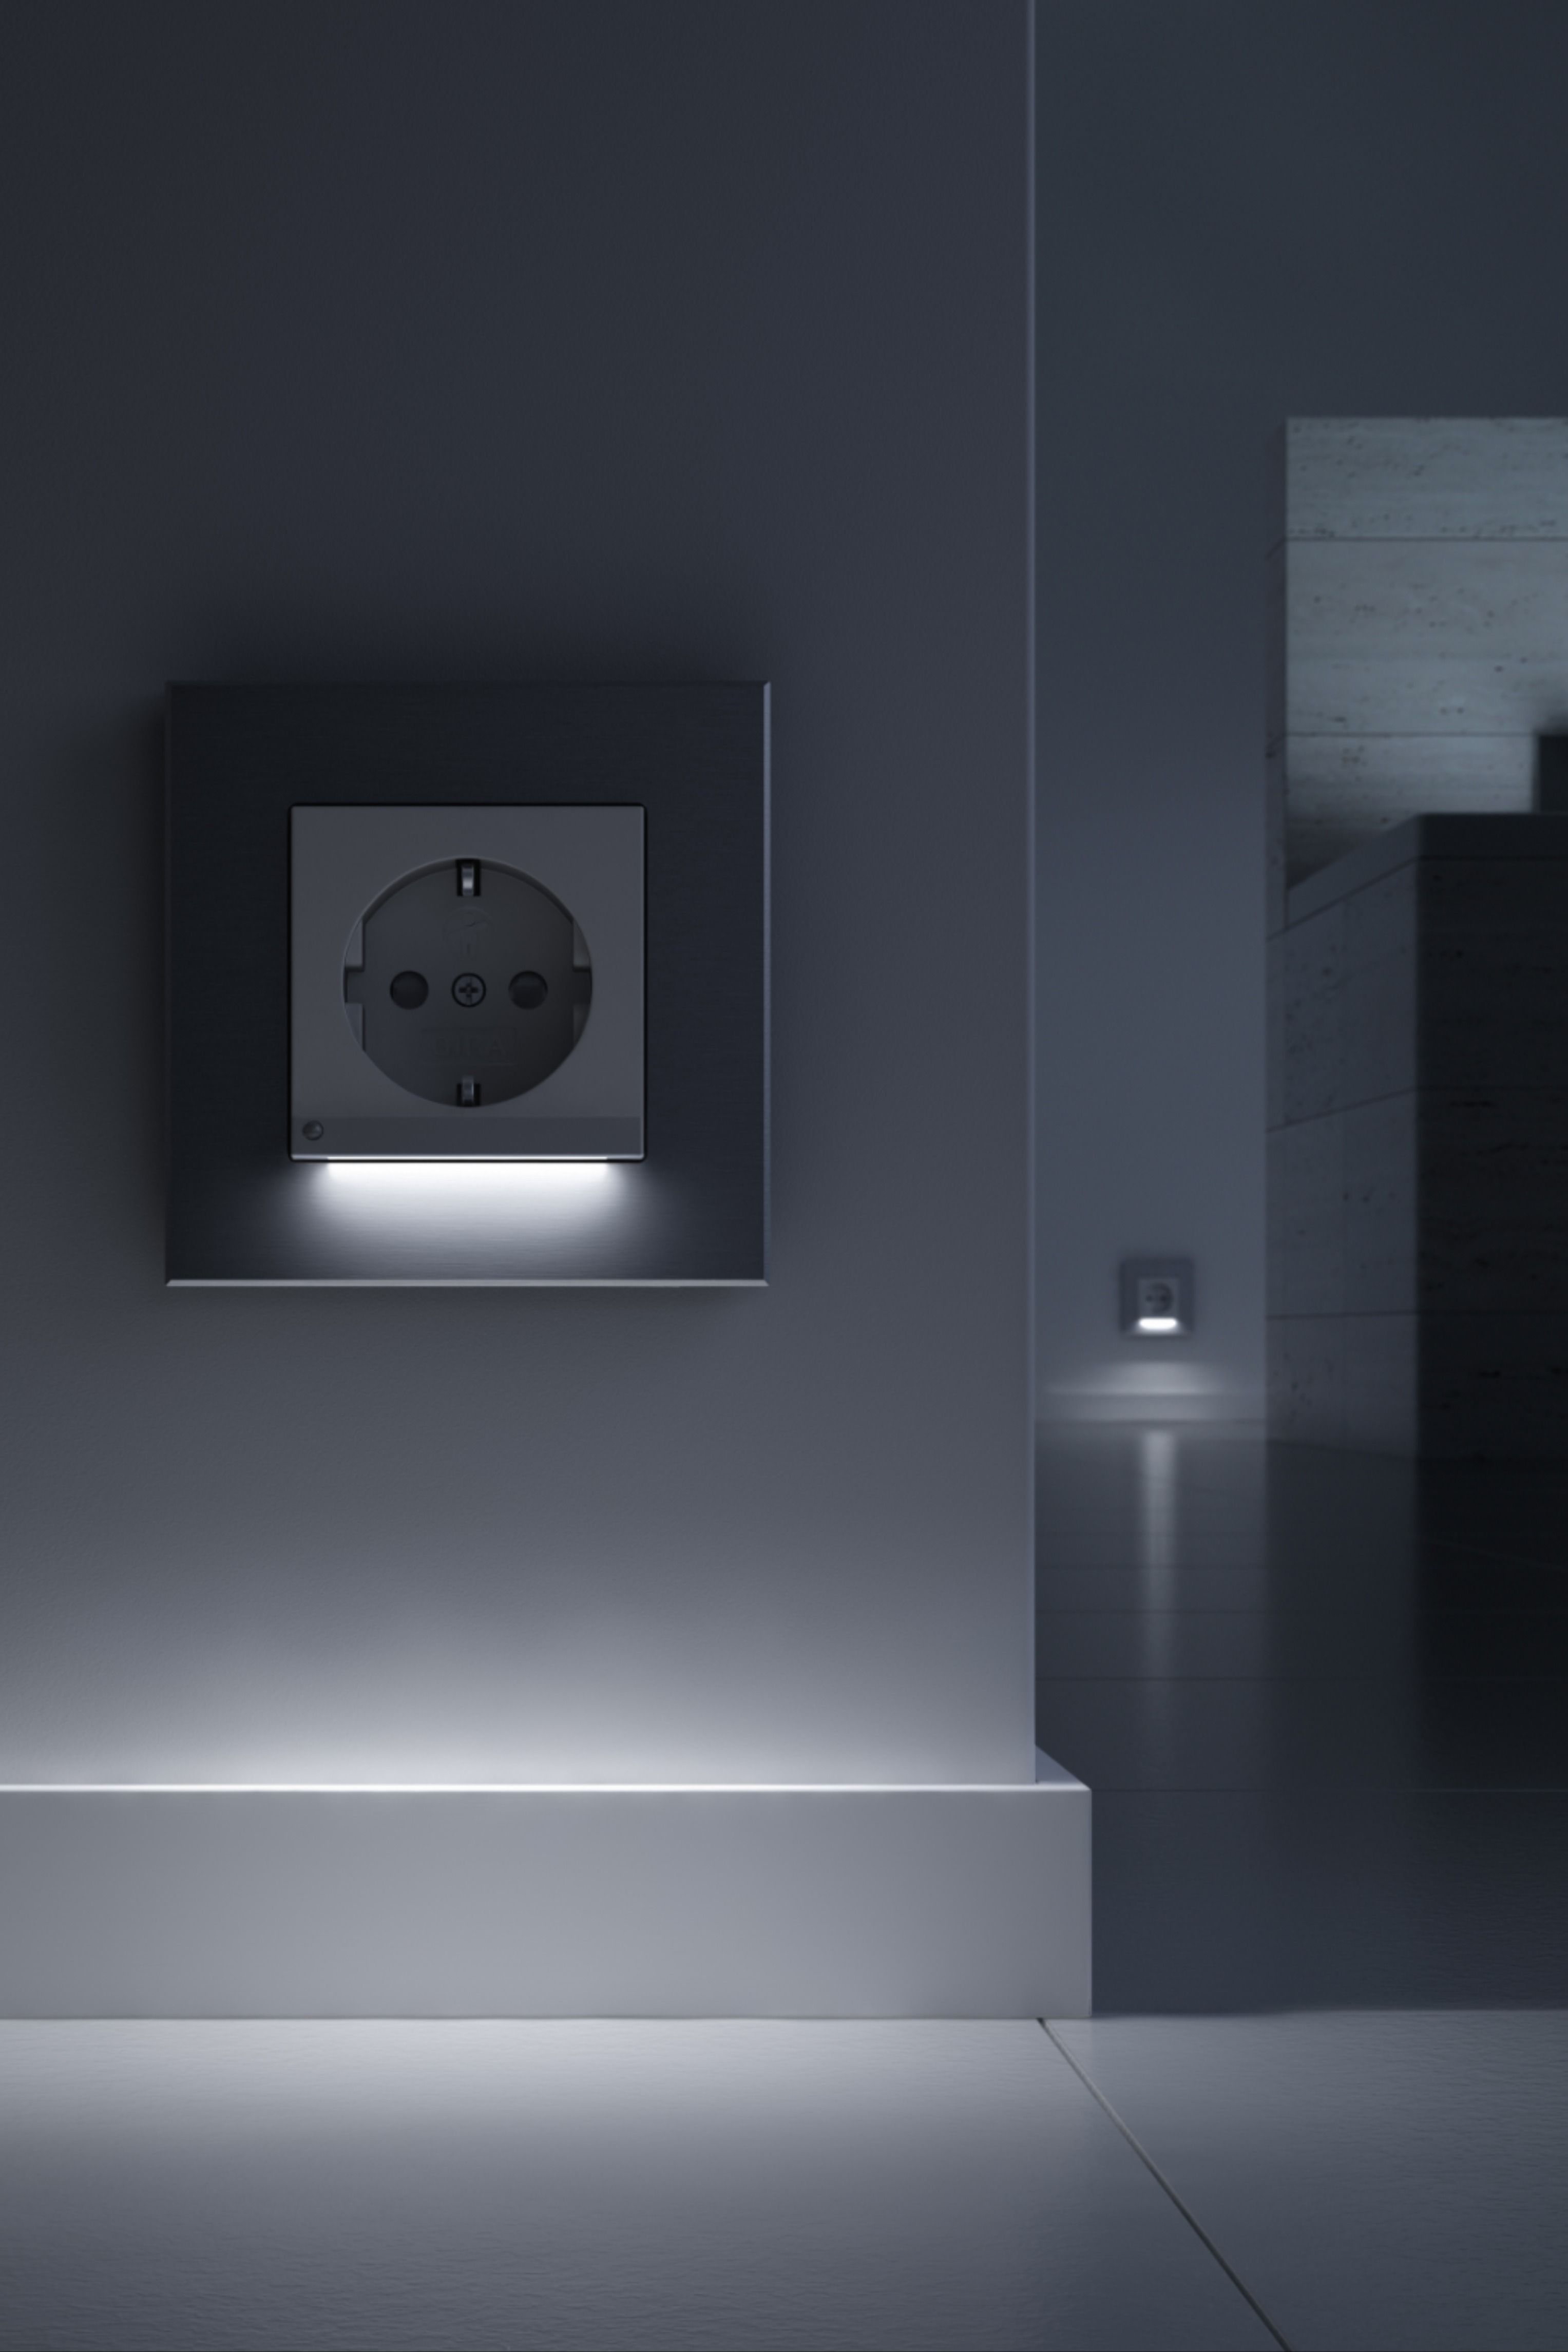 Pin Von Klaus Rungger Auf Led Spiegel In 2020 Bad Spiegelschrank Mit Beleuchtung Spiegelschrank Beleuchtung Spiegelschrank Bad